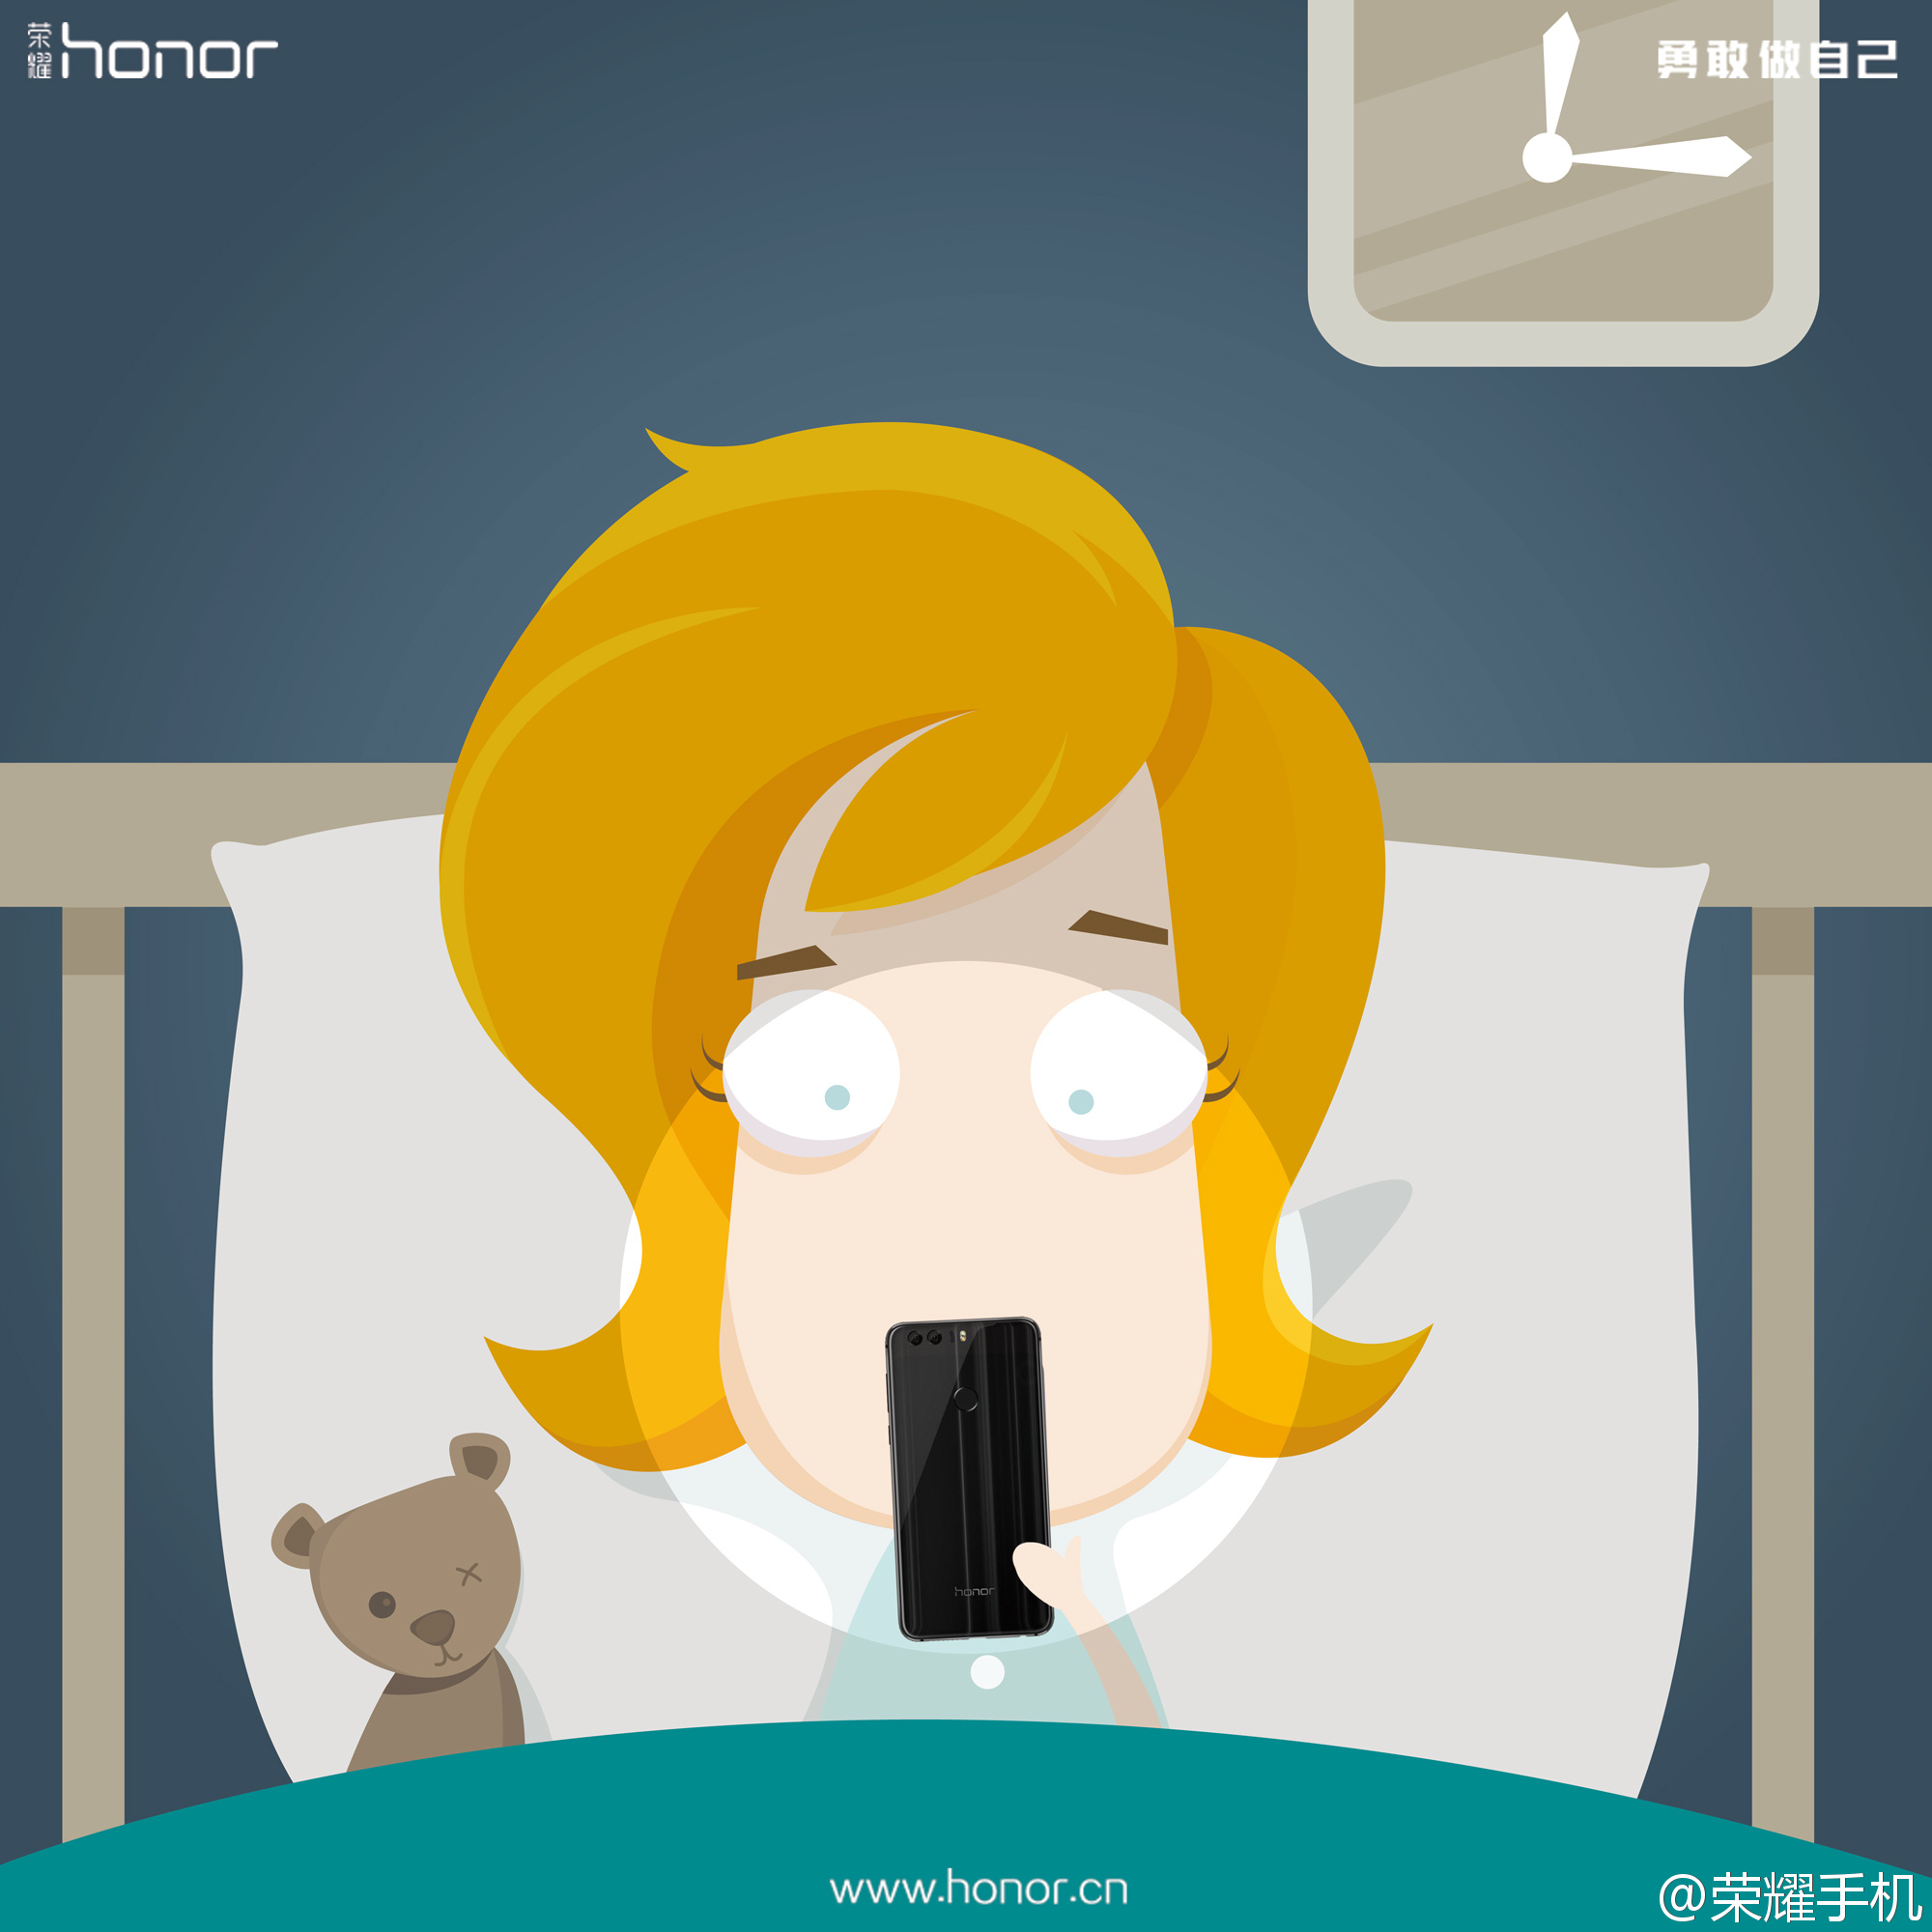 有专家说睡前玩手机容易导致失眠,那我就厉害了.........我是睡前不玩会手机